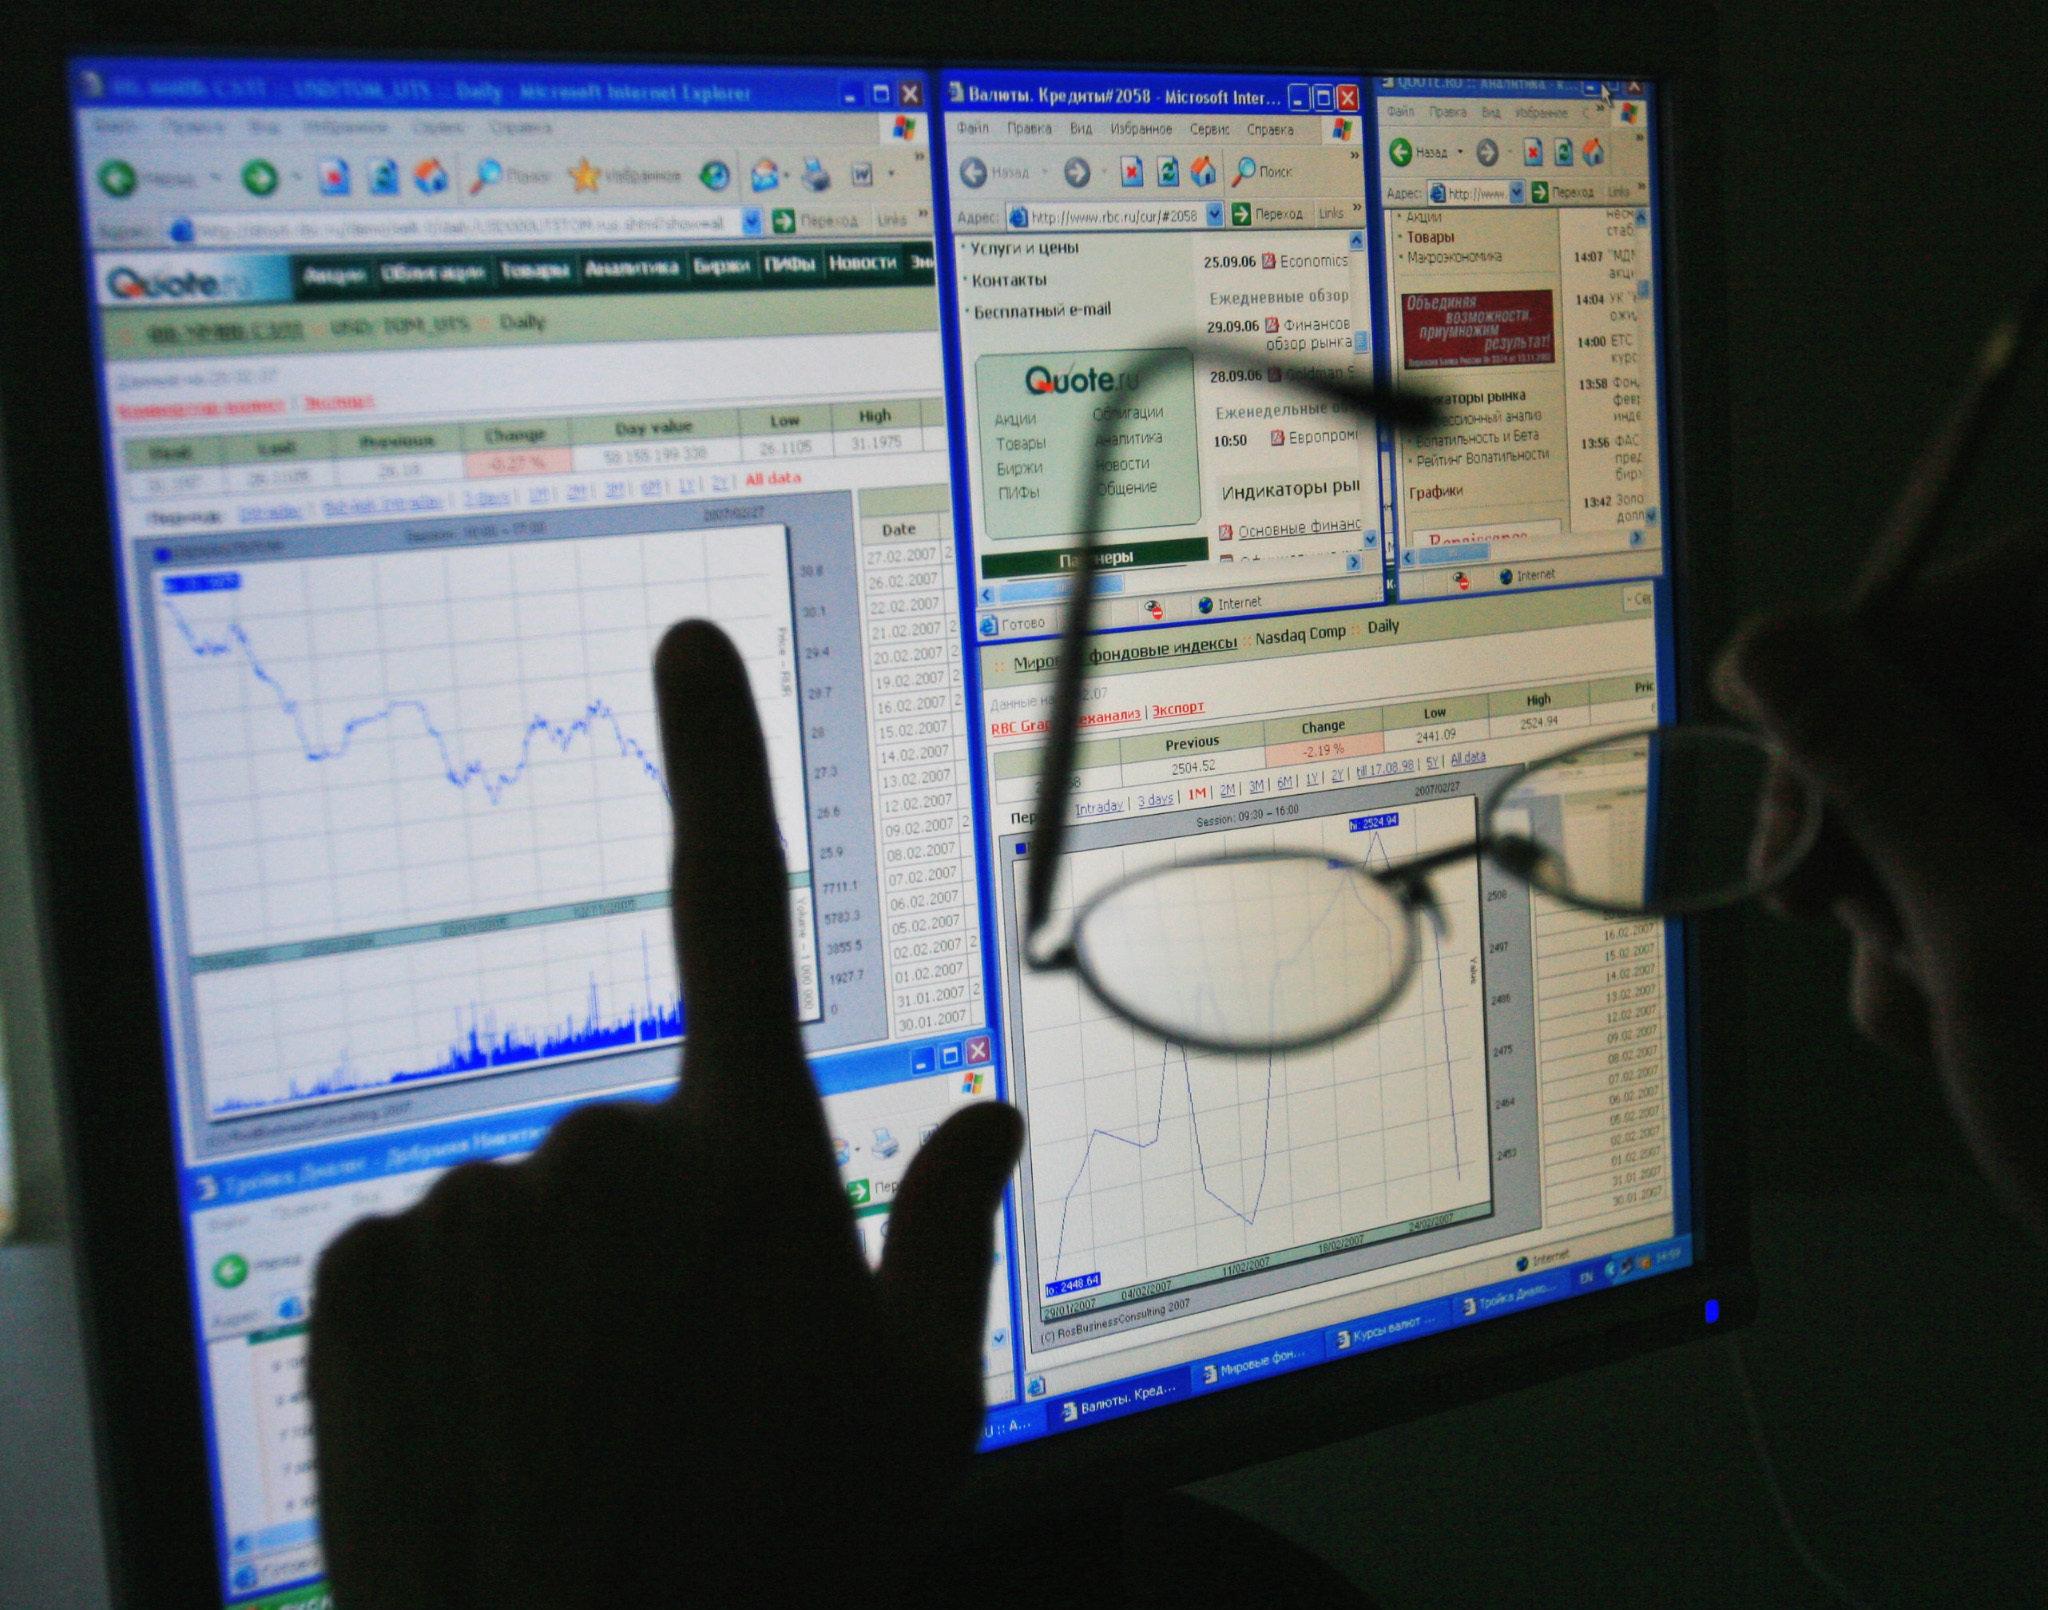 России нужно начать революцию на рынке ценных бумаг